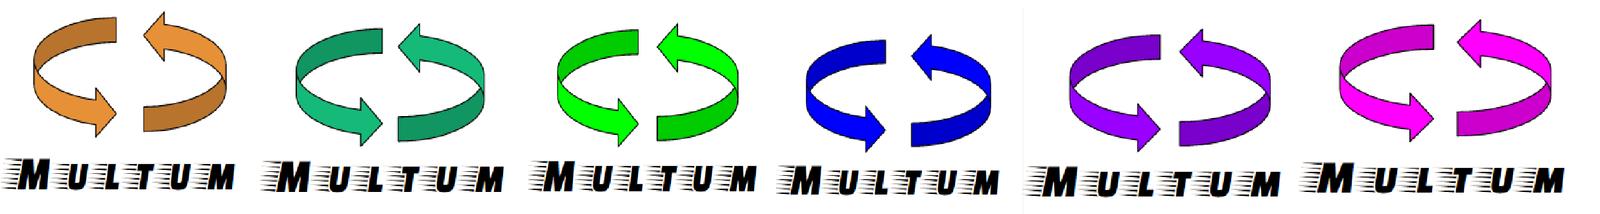 Multum_inc